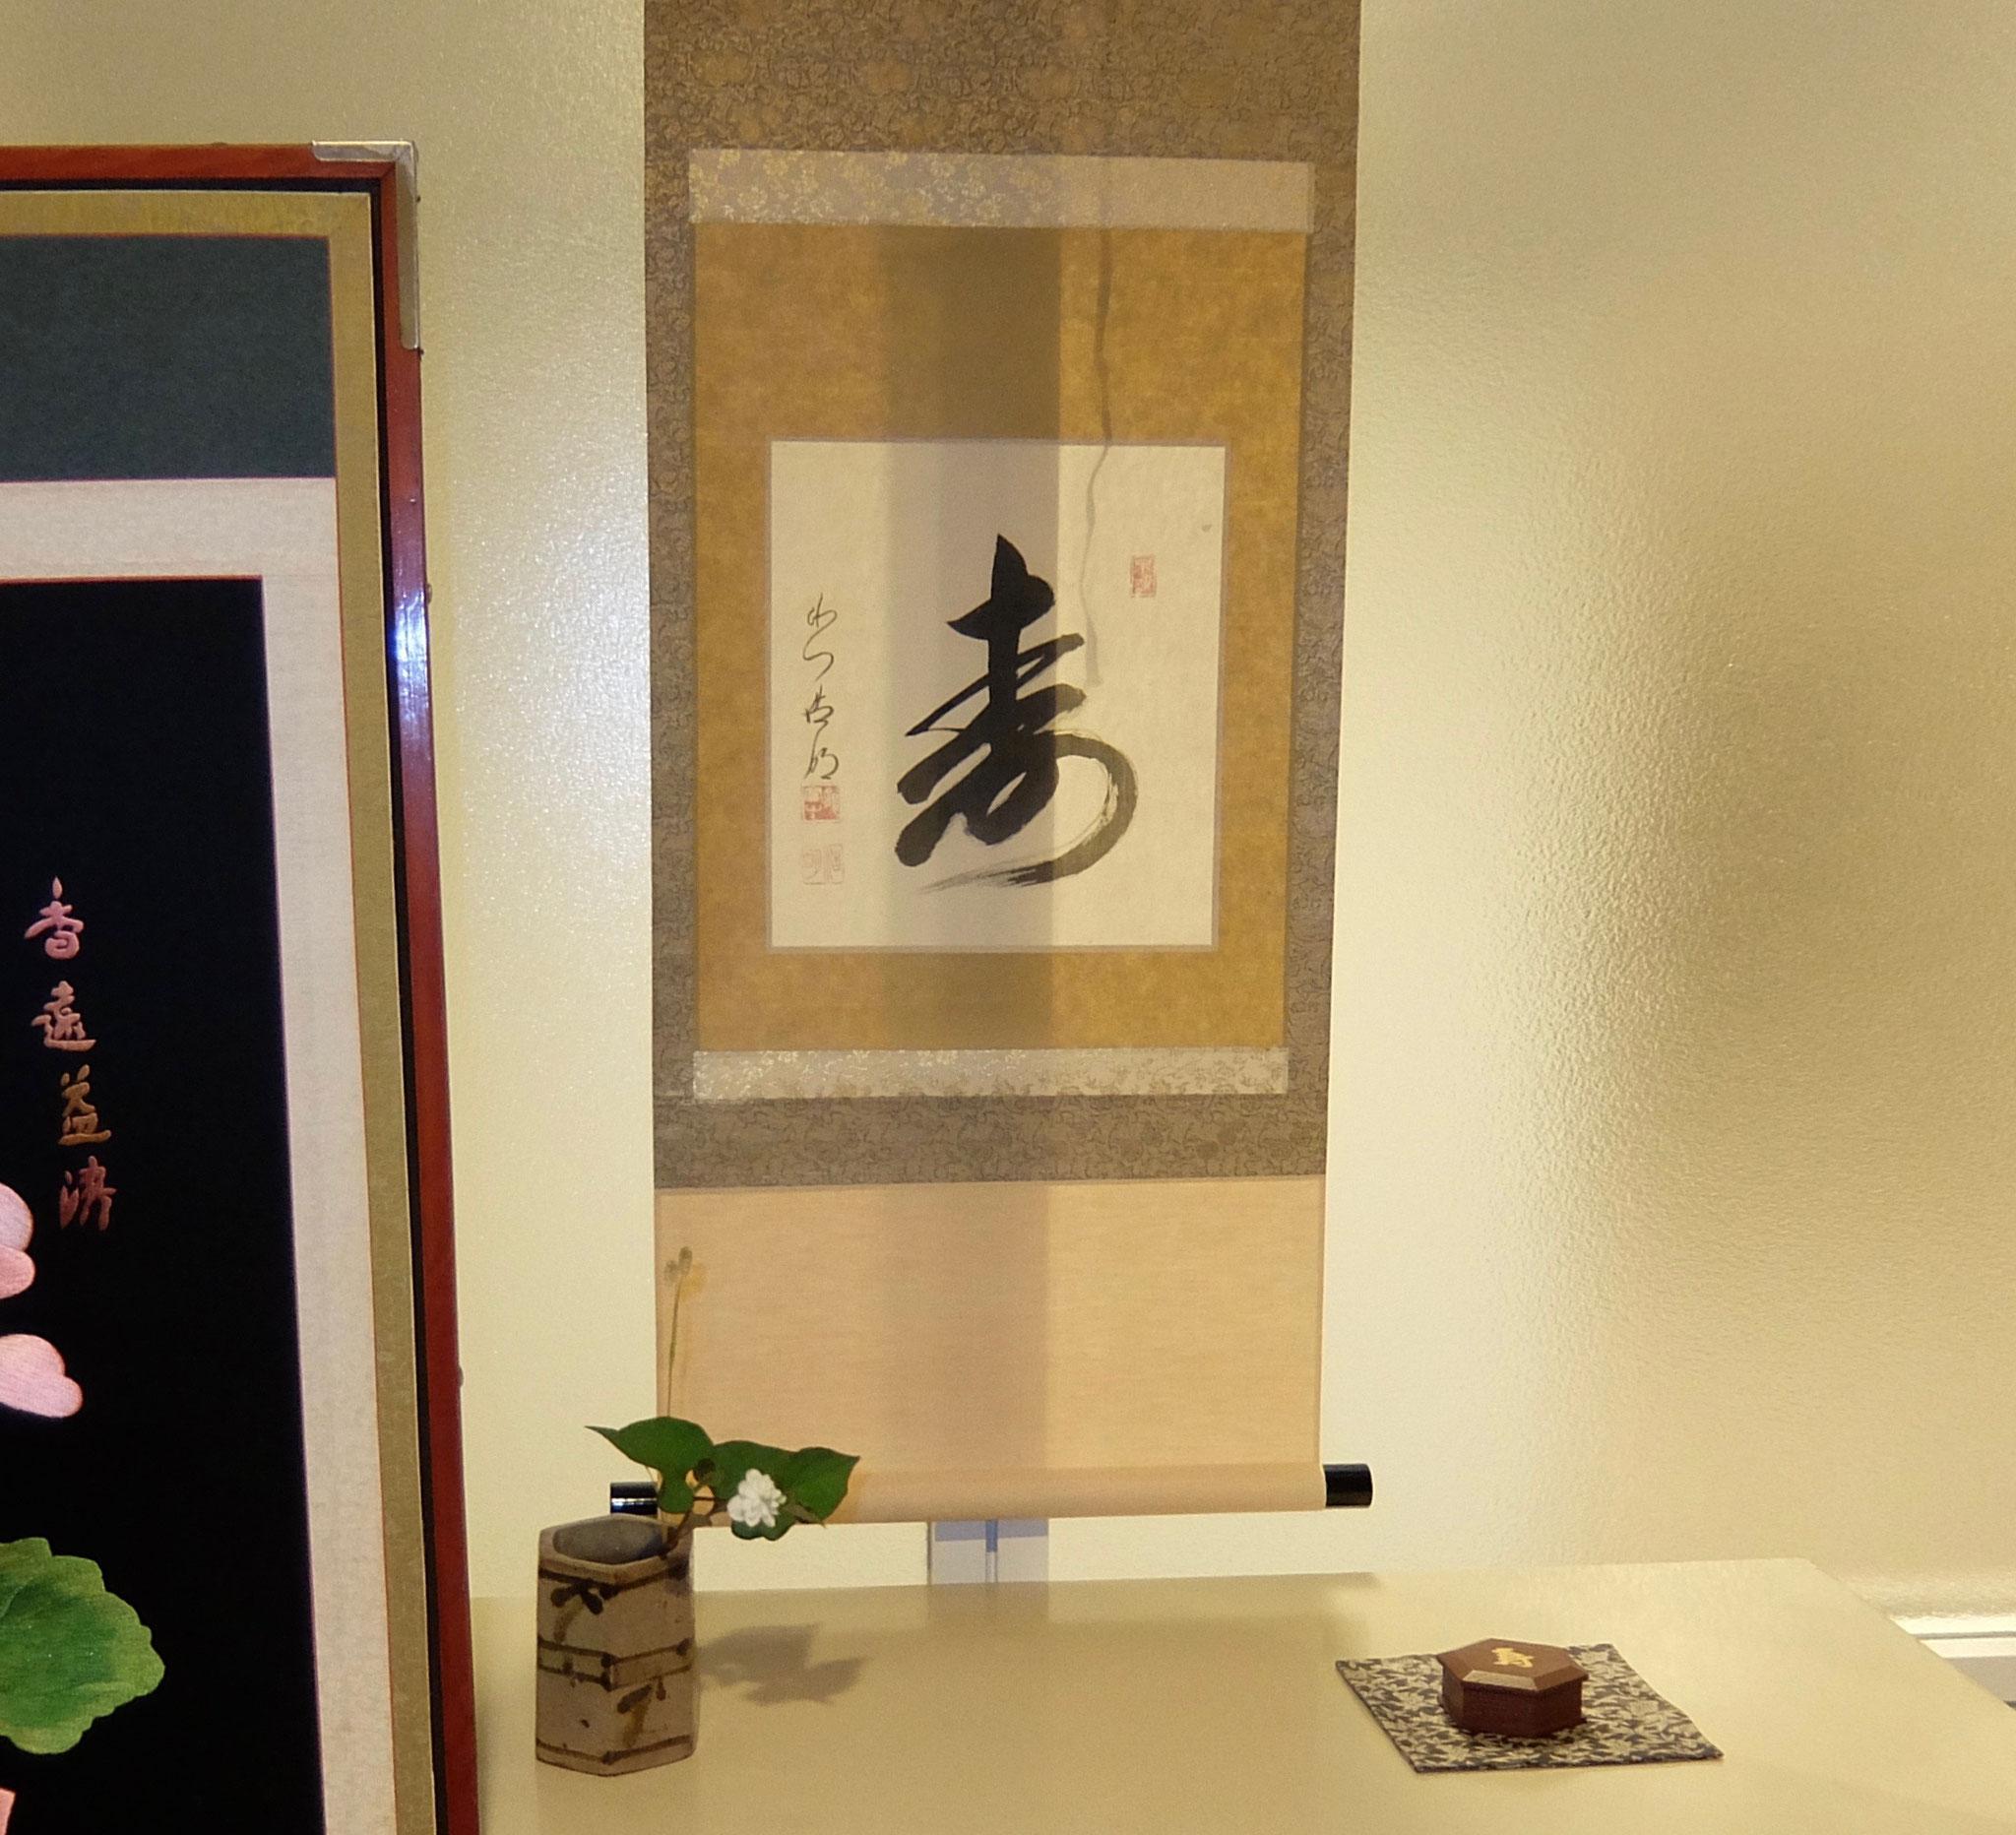 盆点席(川上雅櫻席主)の床飾 寿 浩明筆